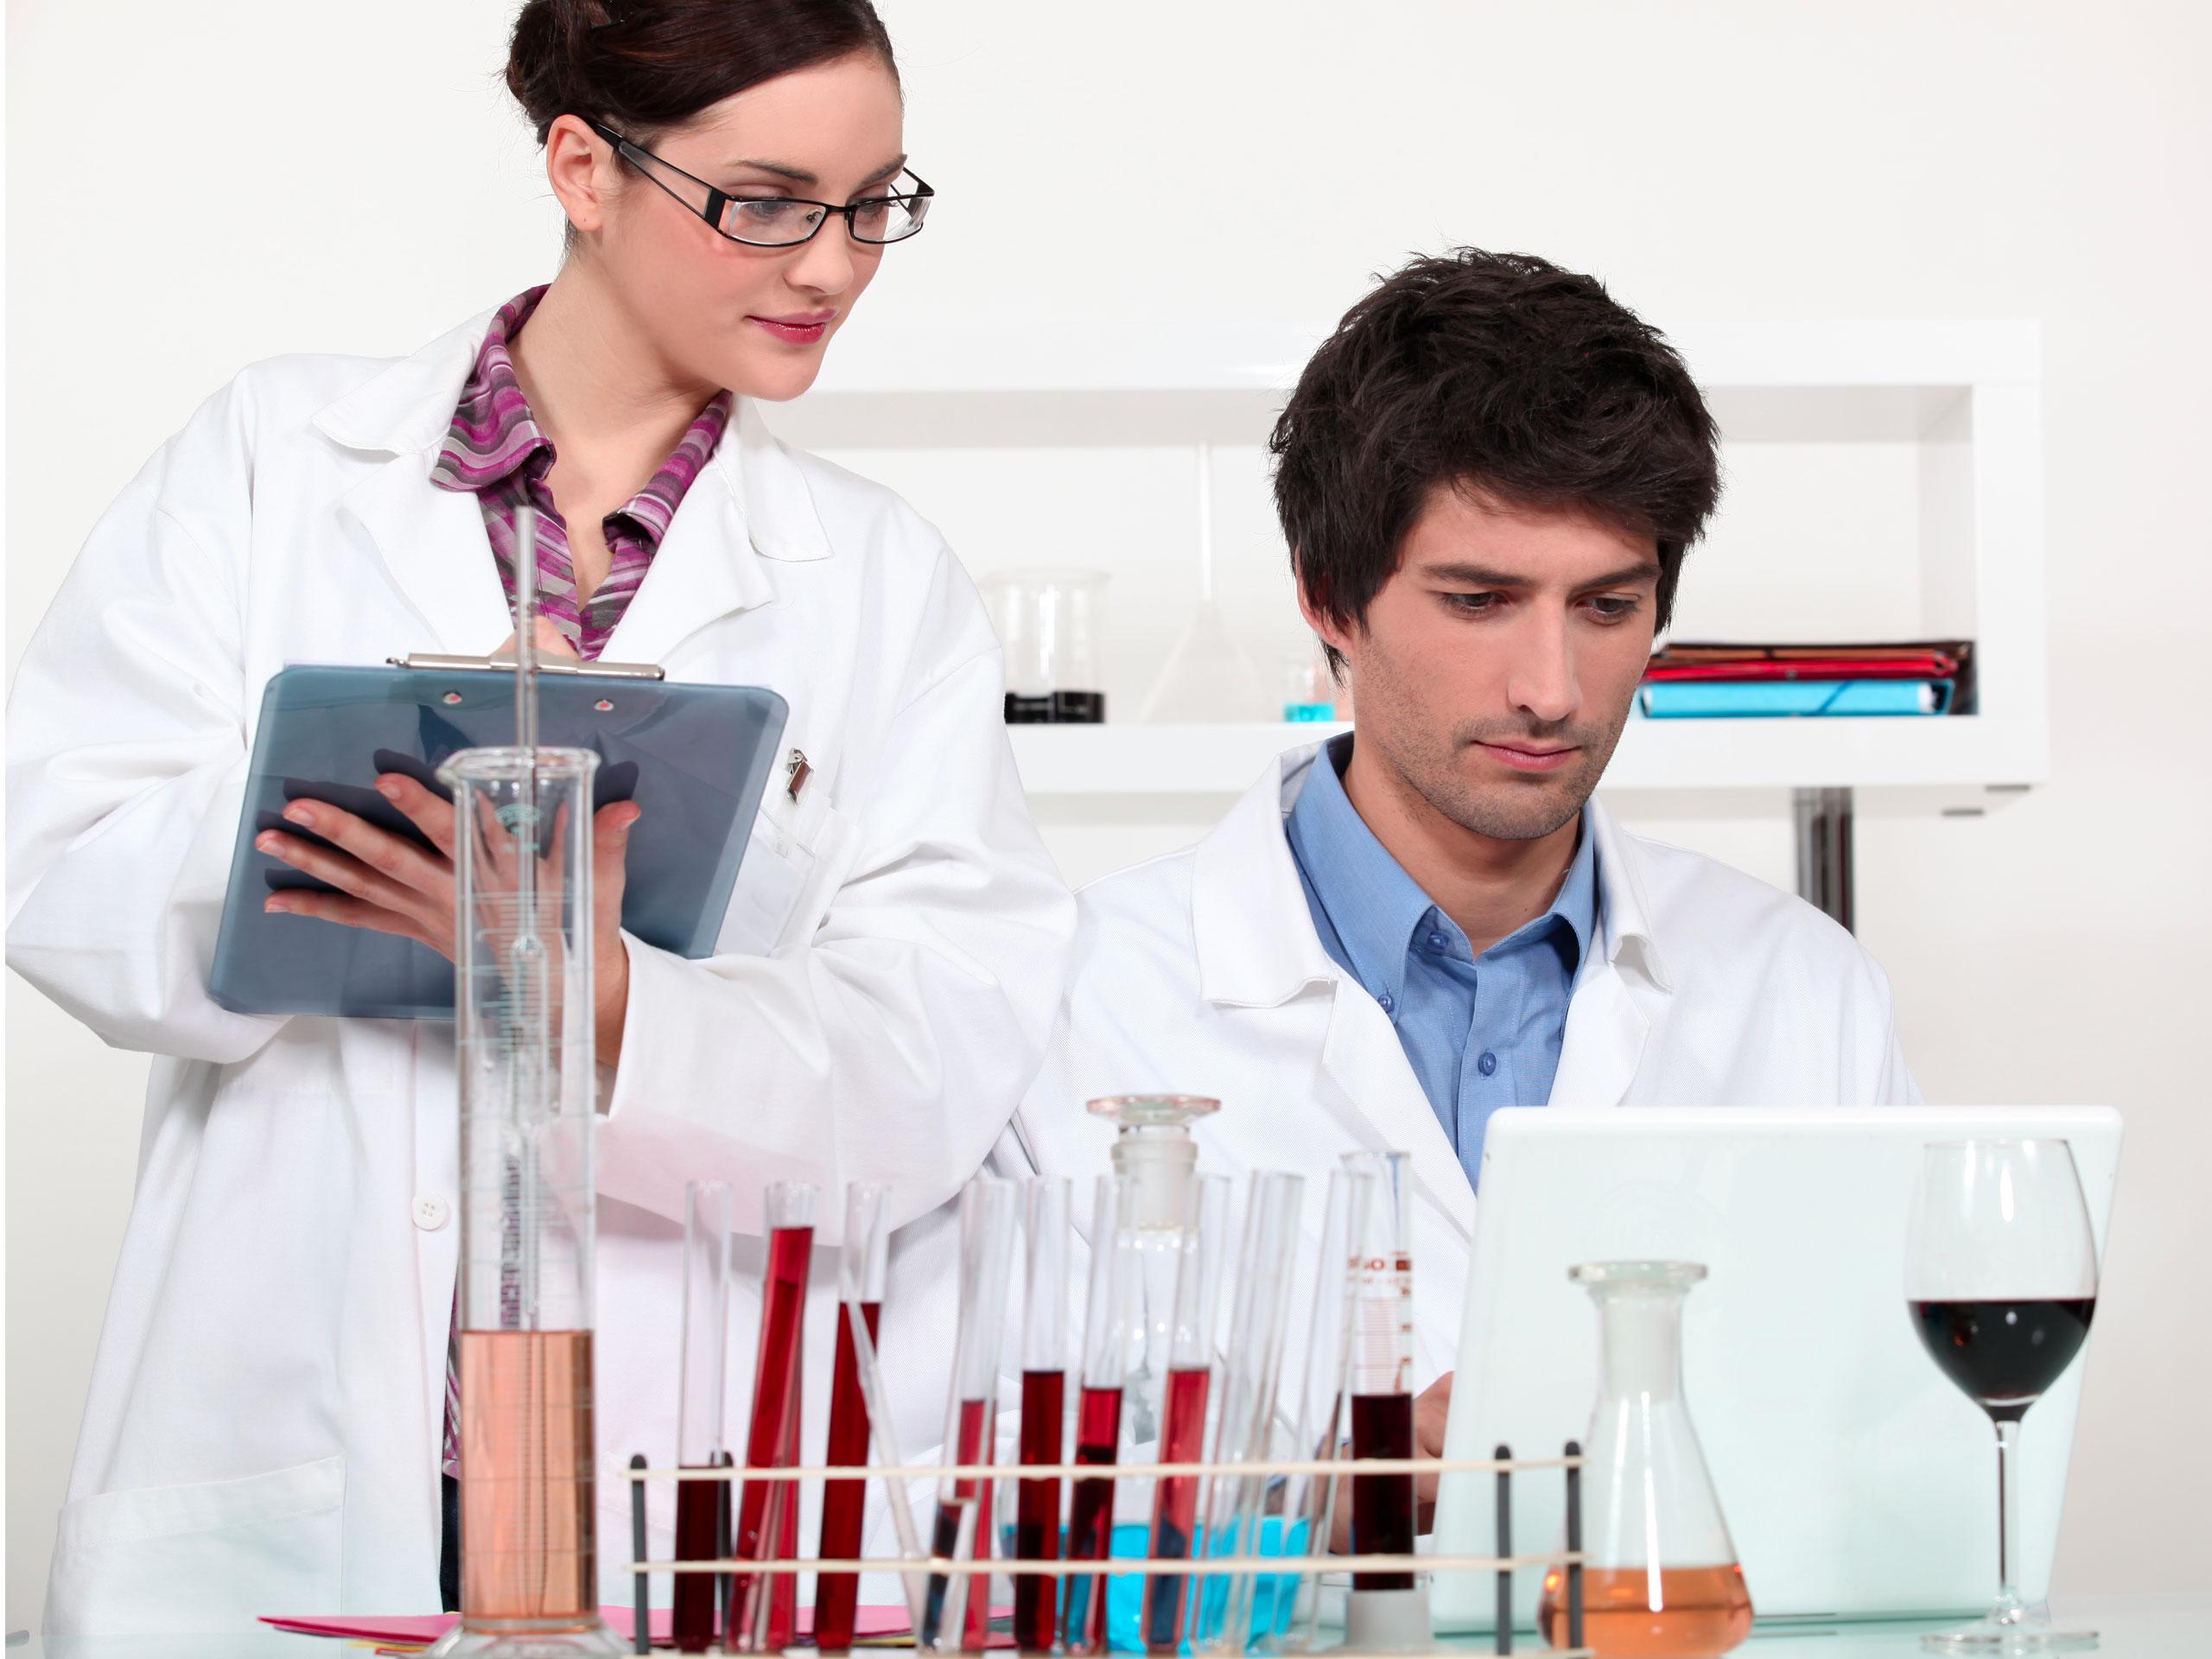 enotecnica-laboratorio